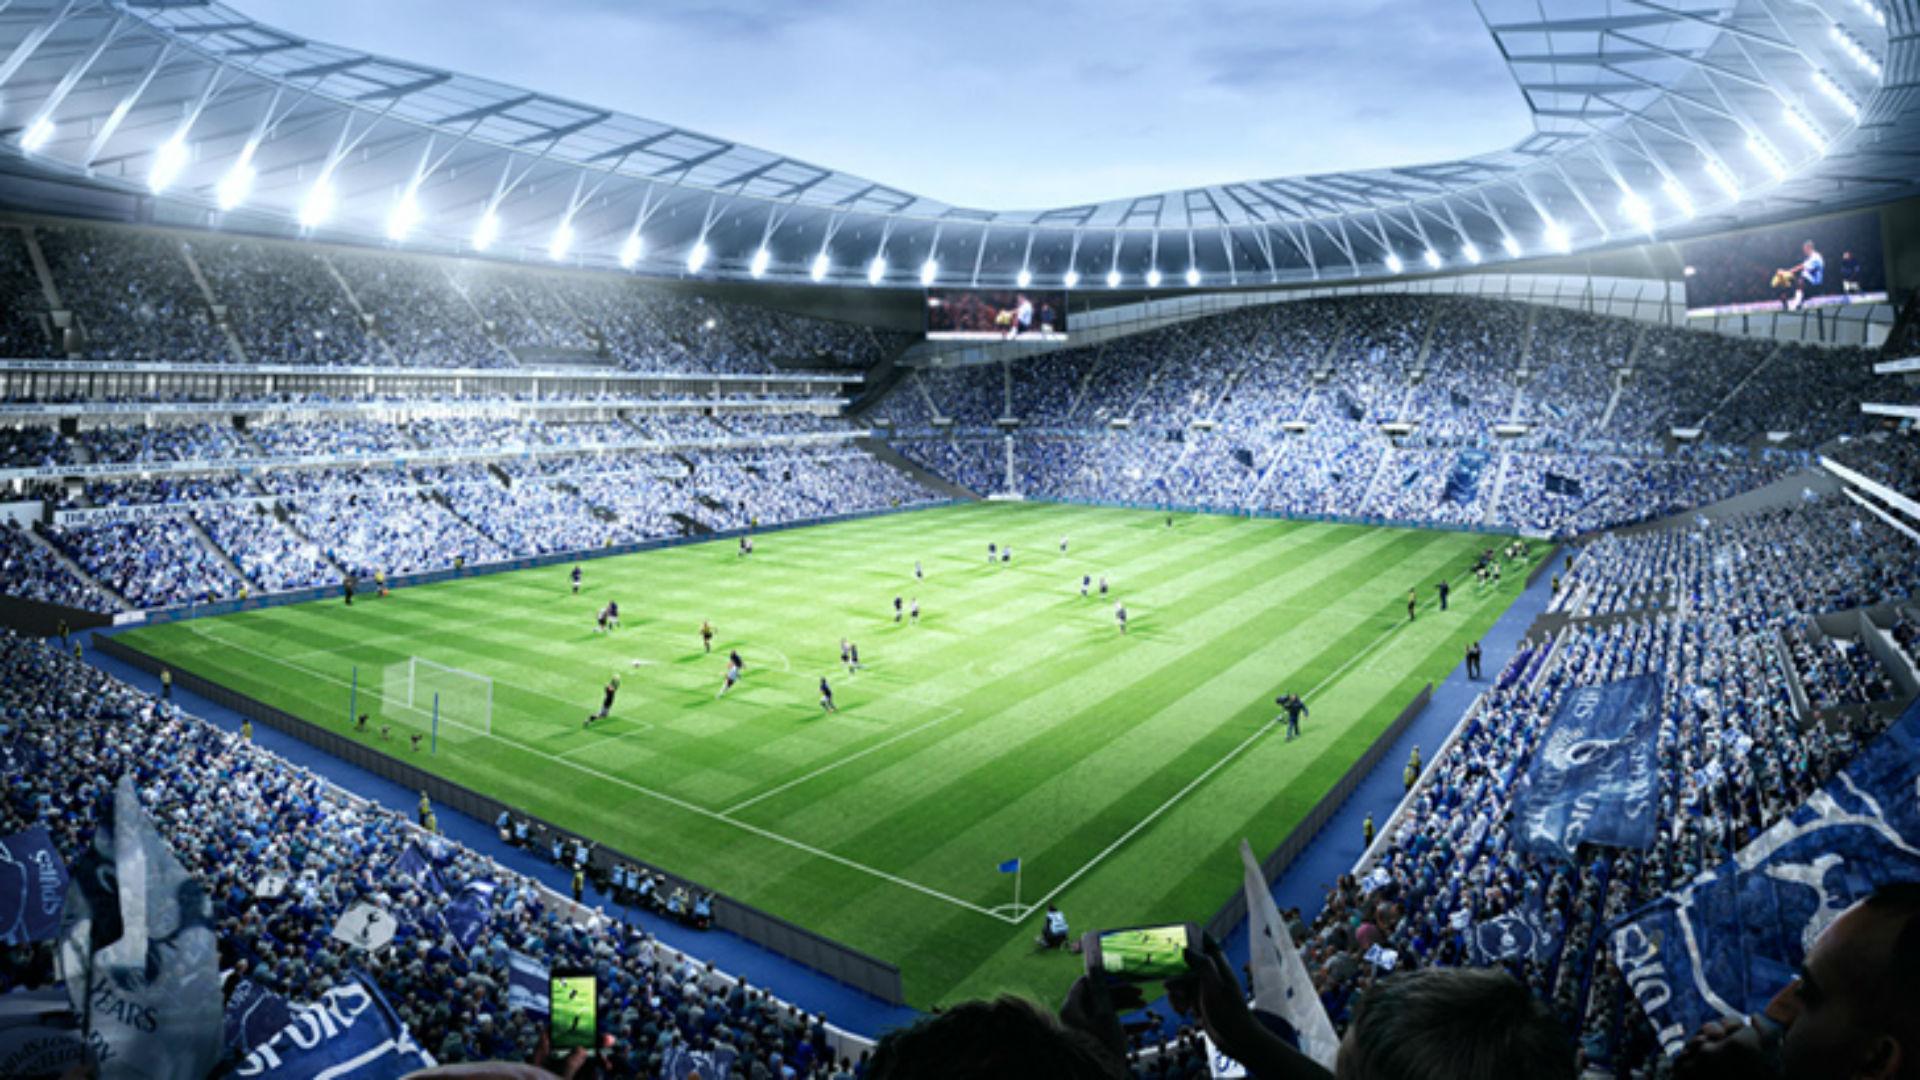 Tottenham Hotspur Stadium concept 2015